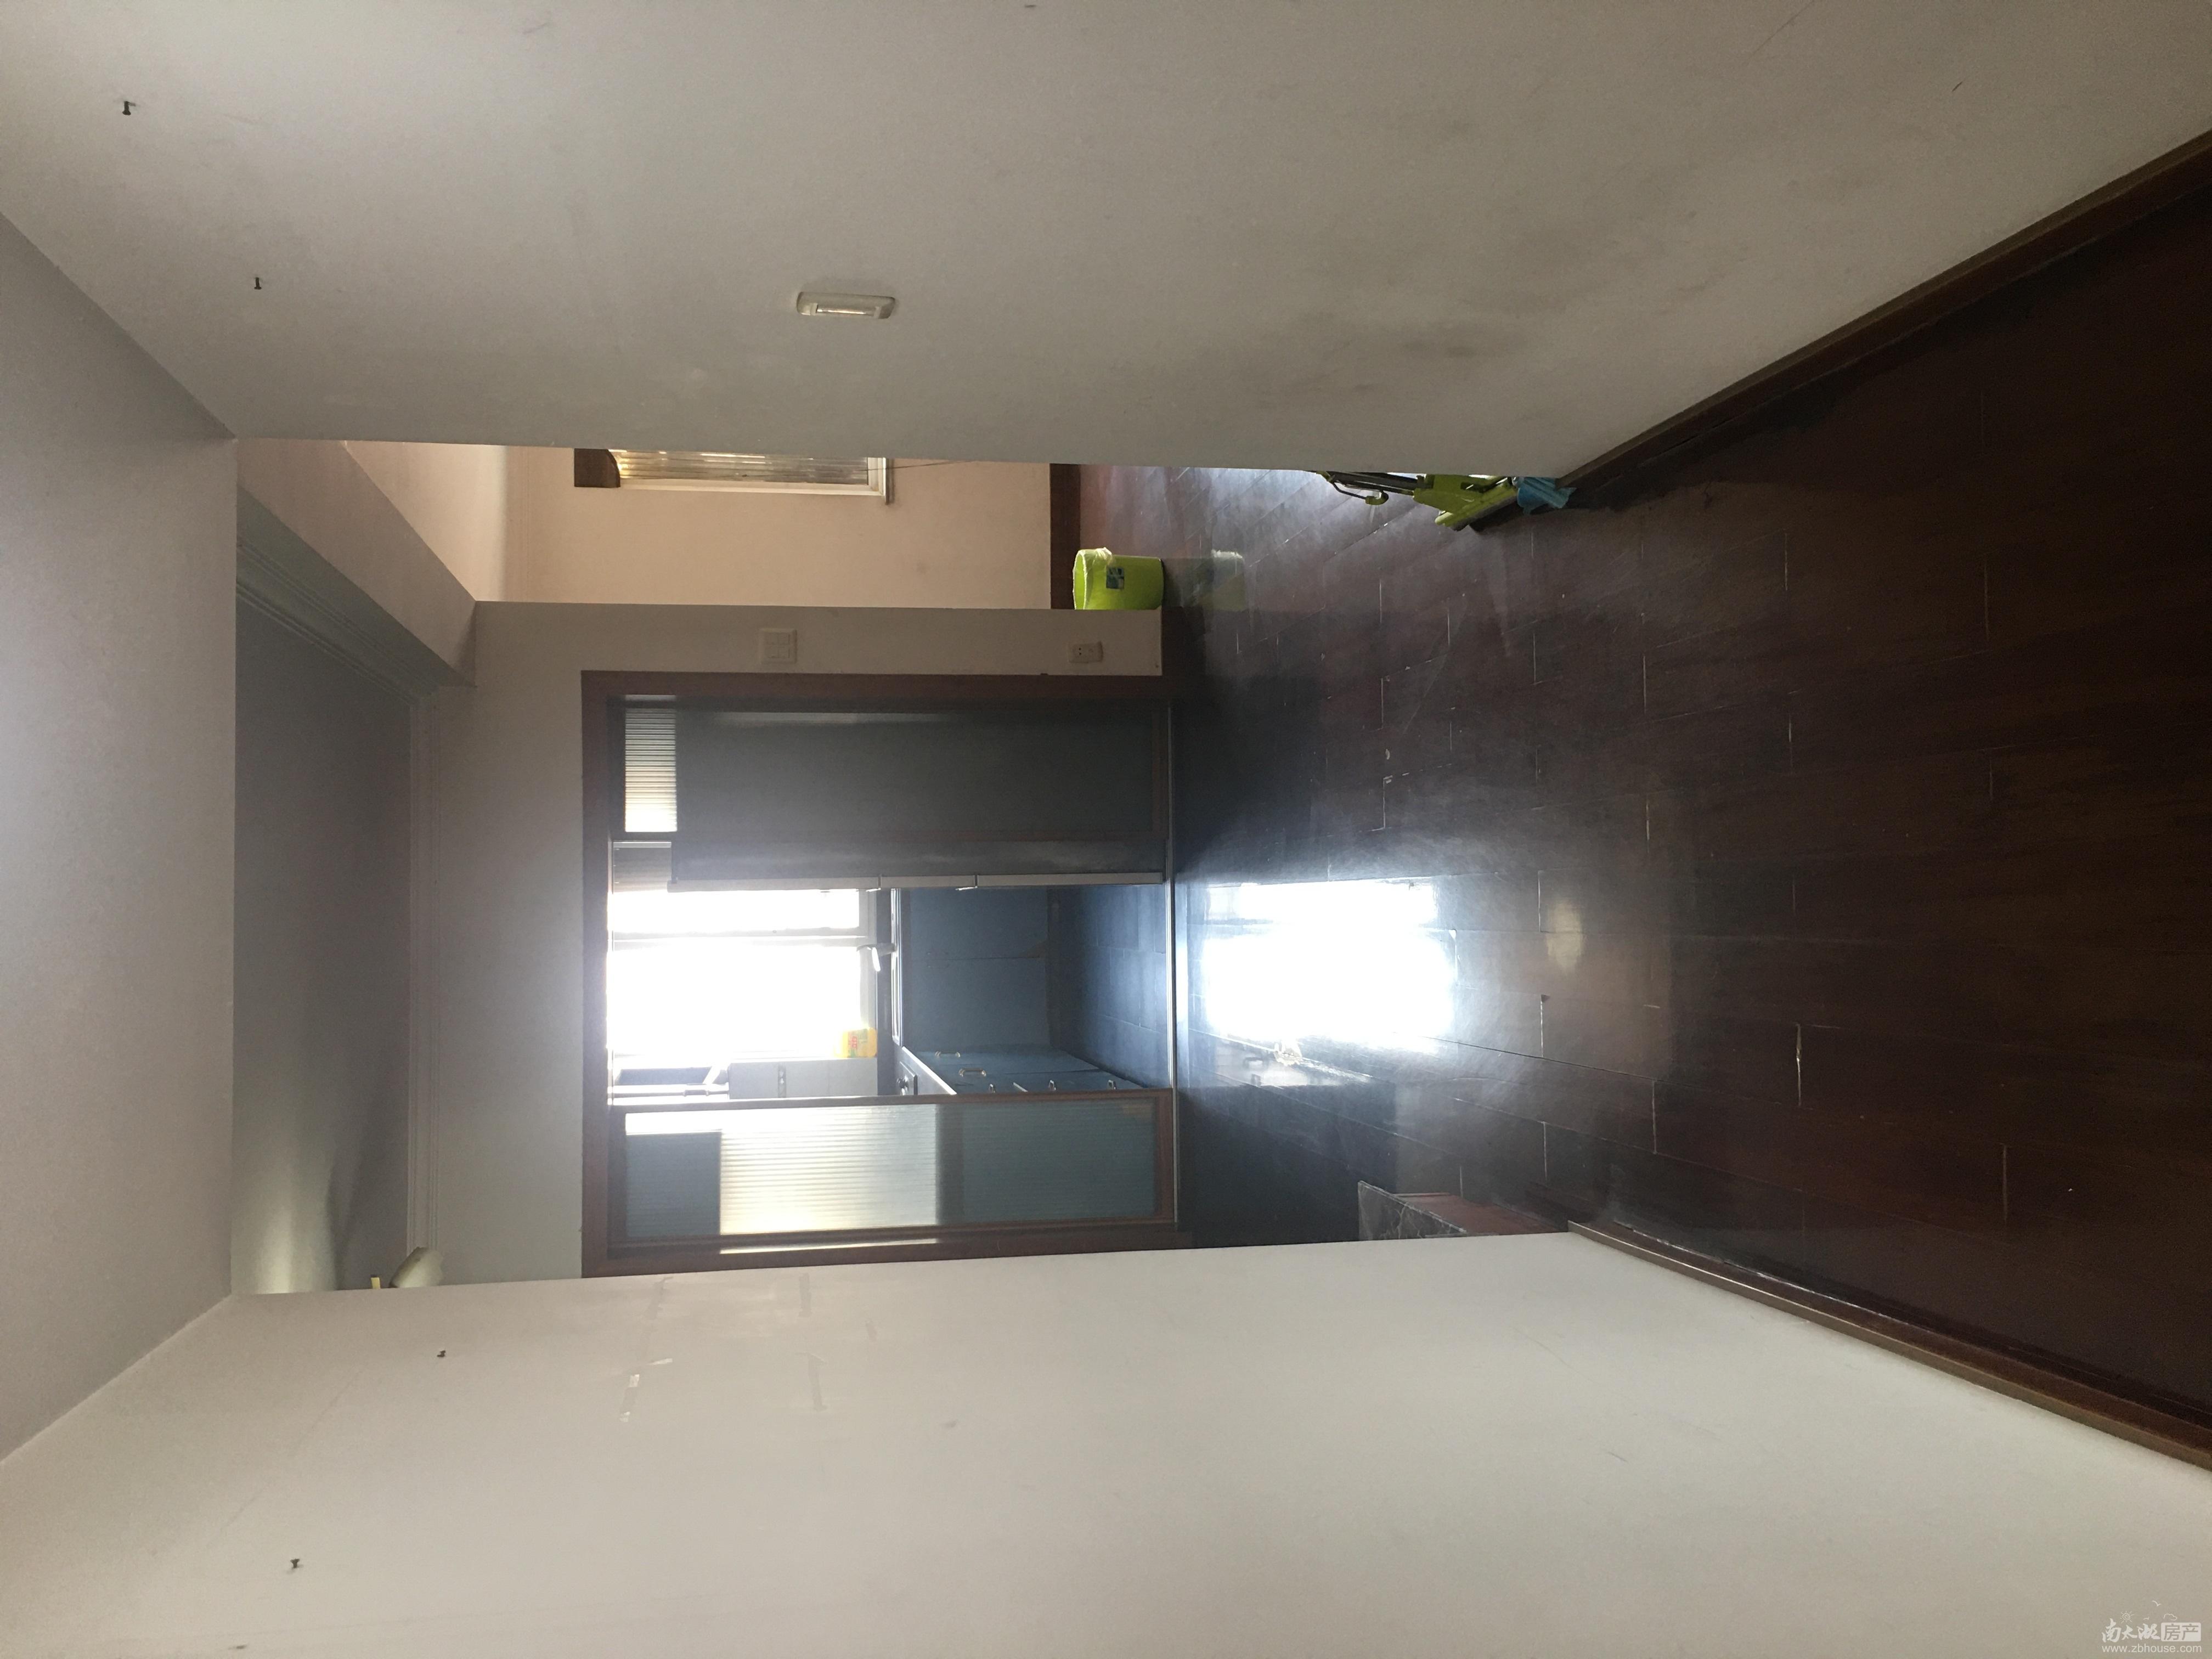 出租宏基花园8楼三室二厅140平居家装修空调4台热水器固定家具3200元月有钥匙